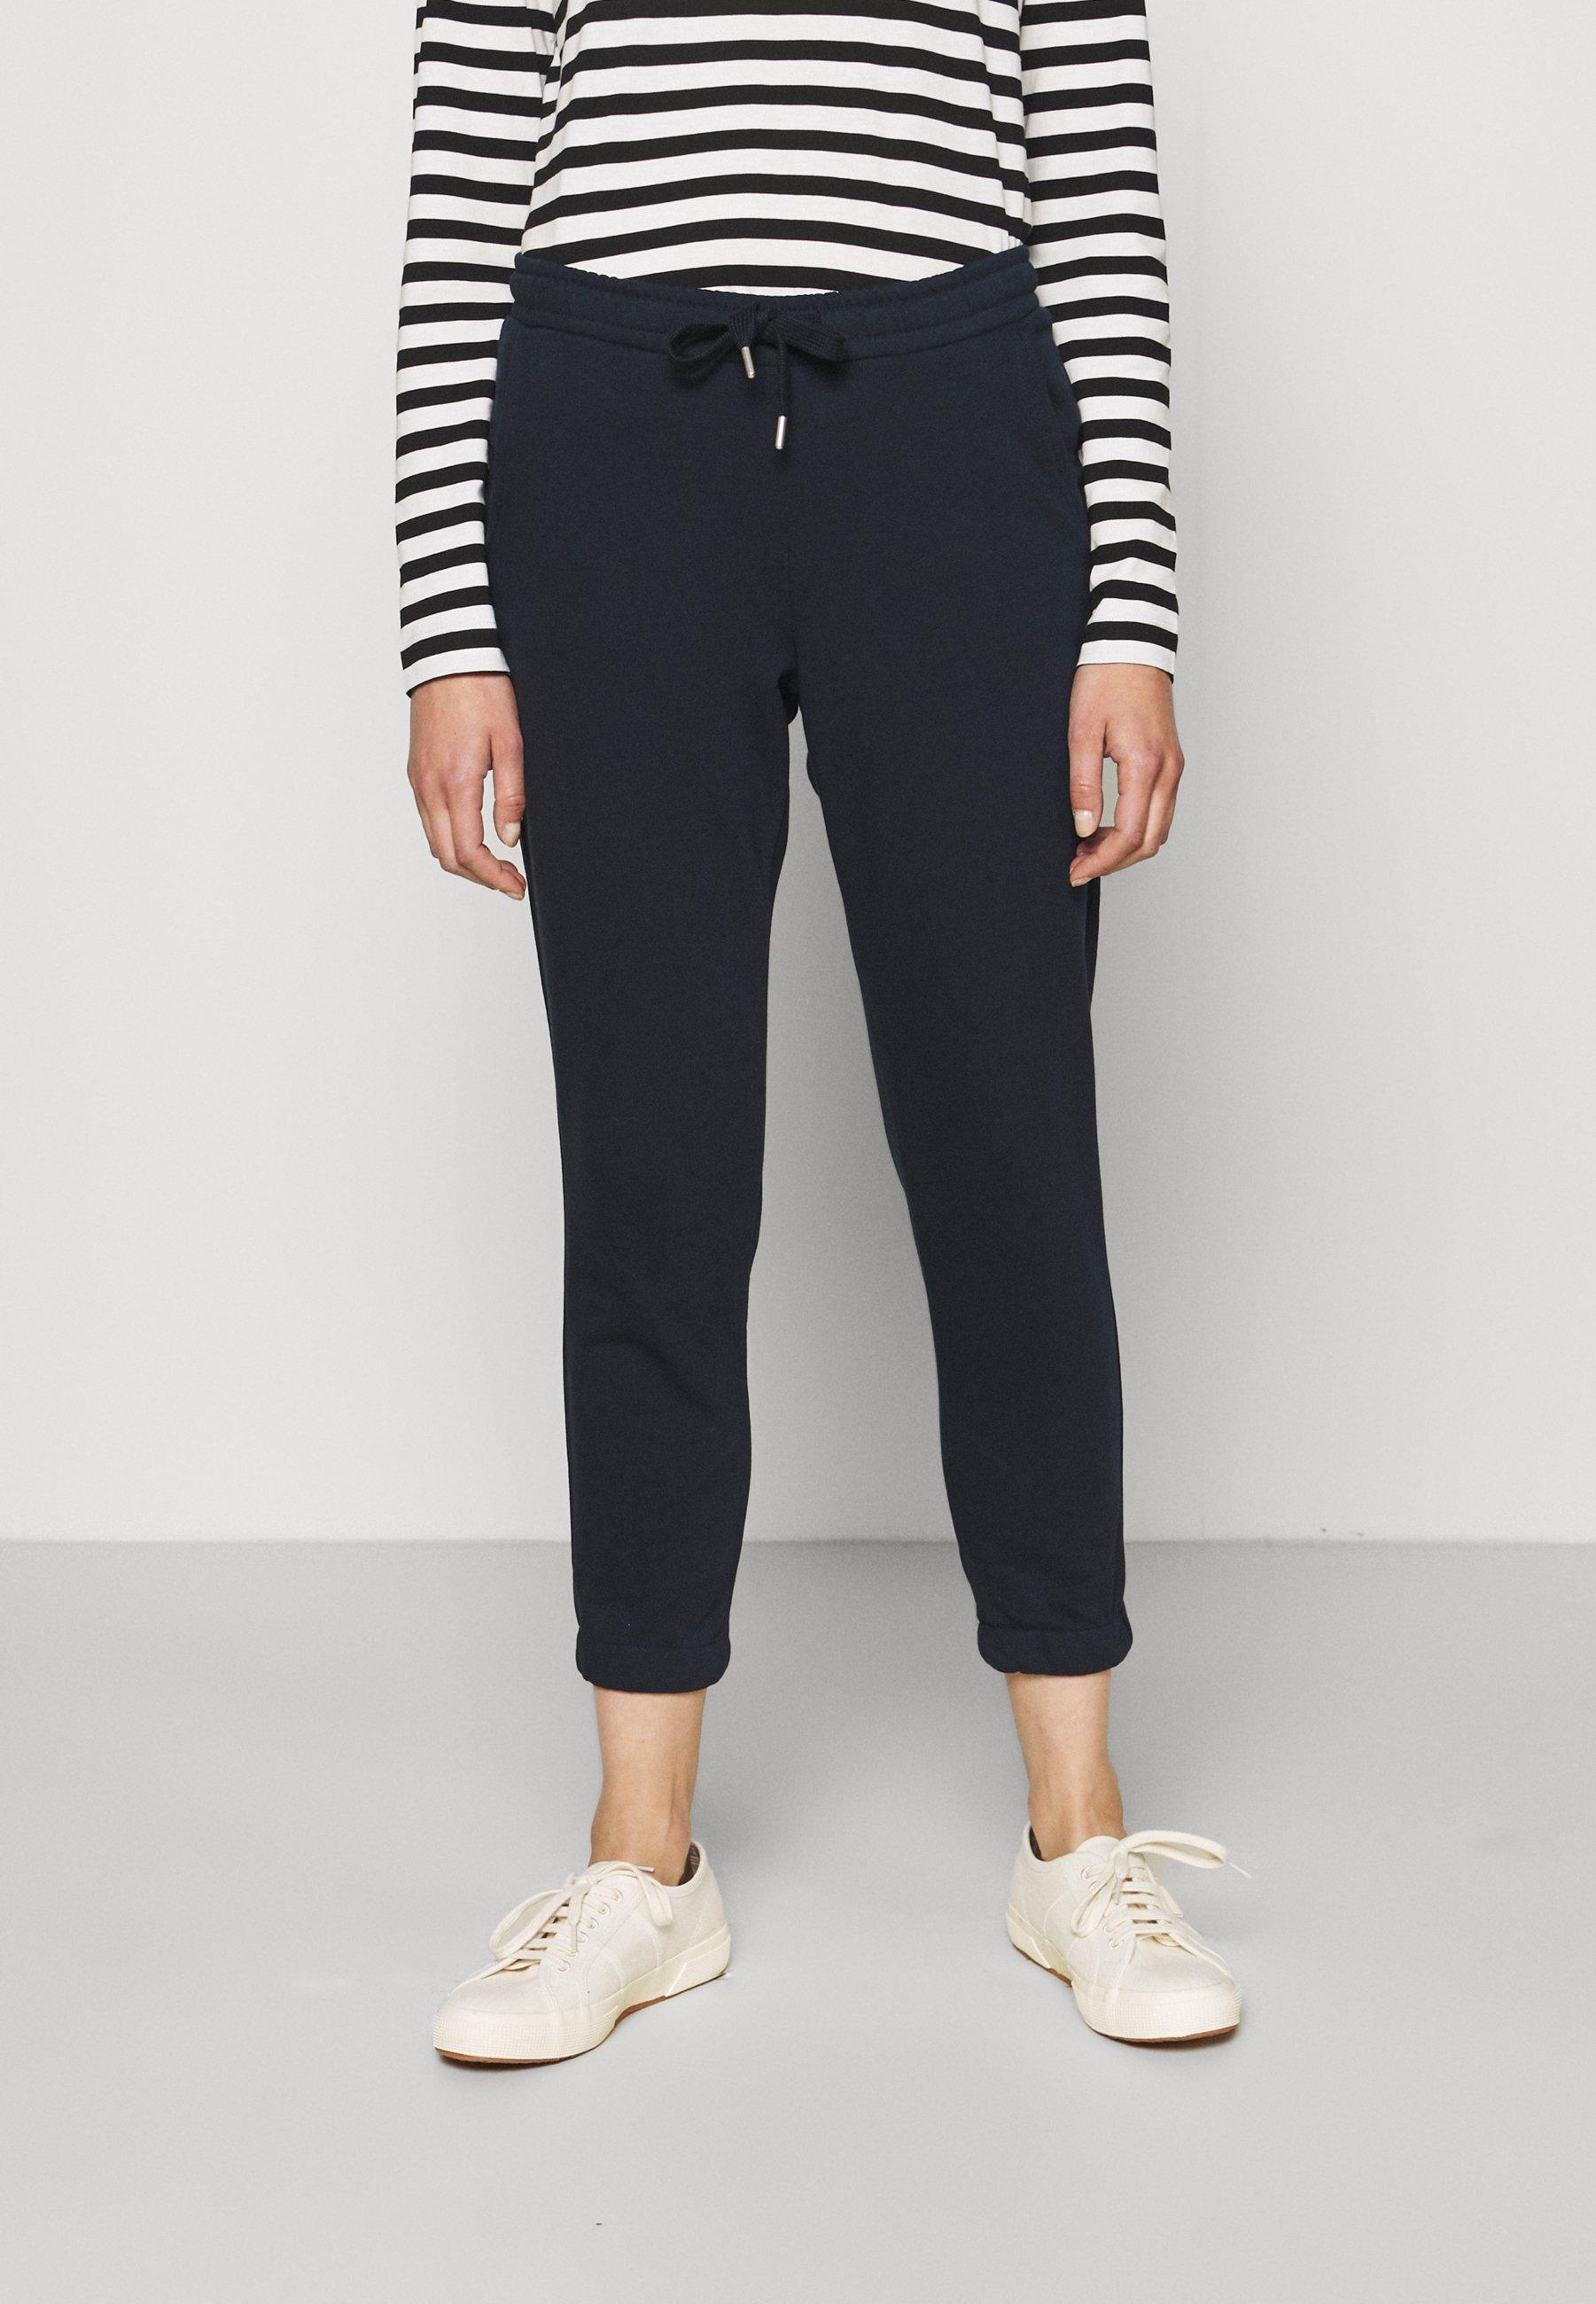 Damen SPORTY PANTS - Jogginghose